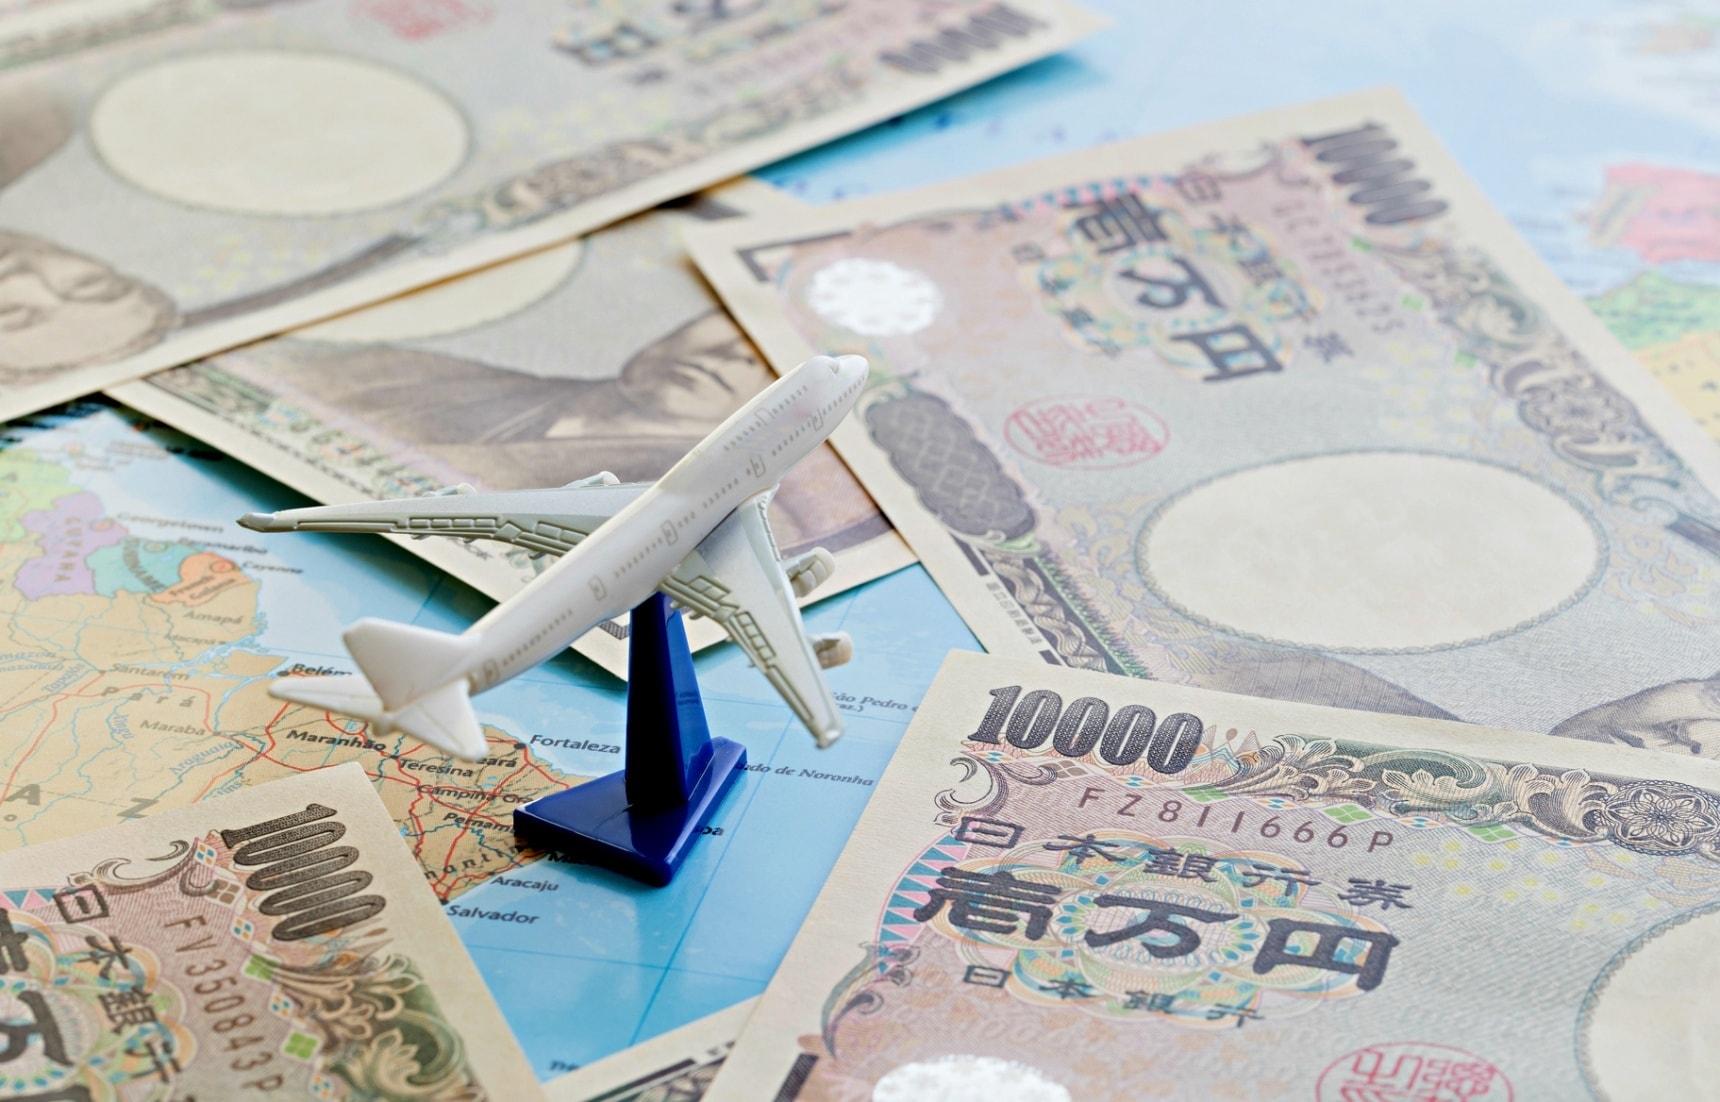 간사이에서 오키나와로 가는 가장 저렴한 방법 5